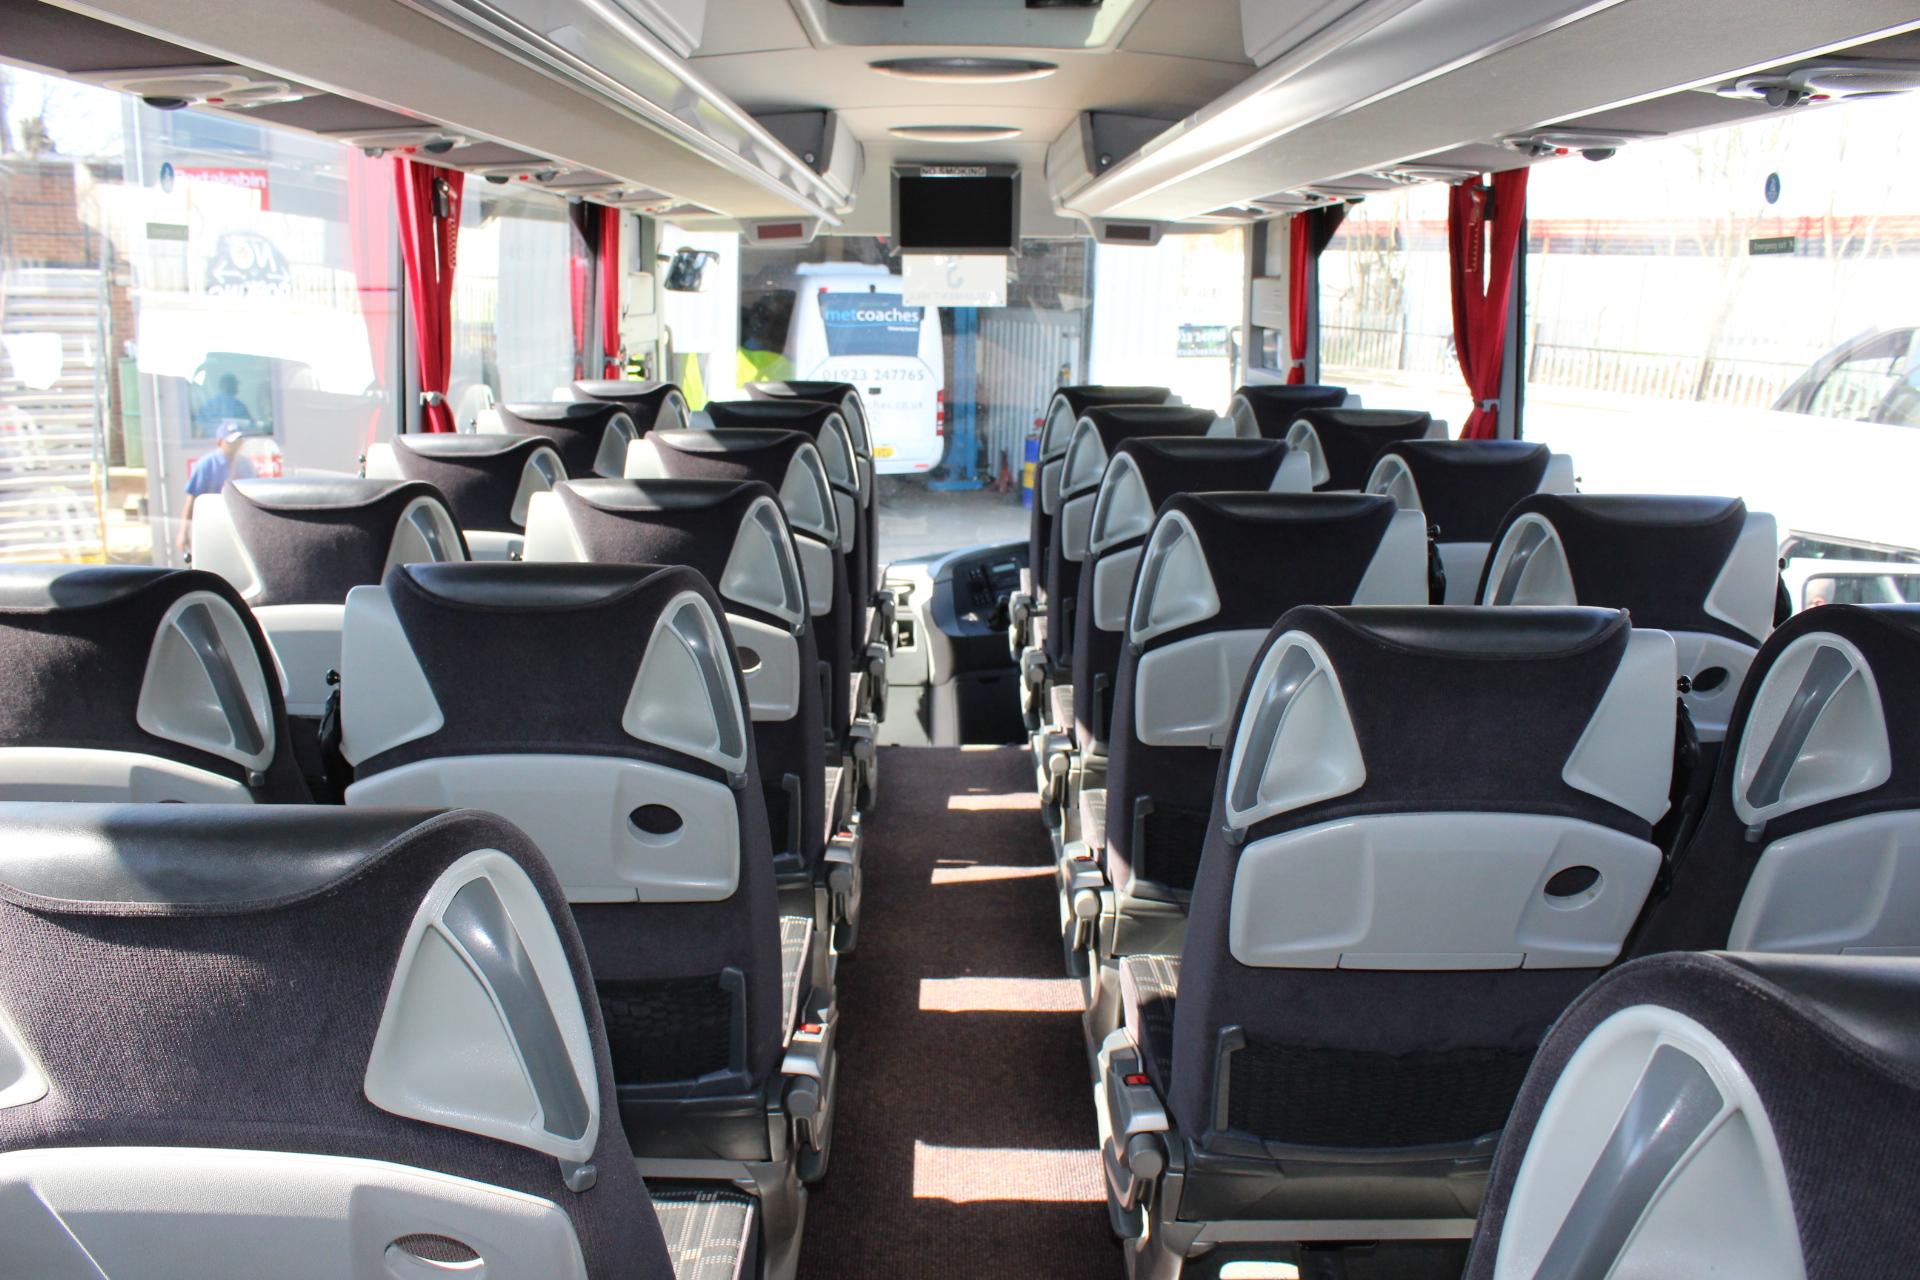 2015 MERCEDES-BENZ TOURISMO 53 SEATS EURO 6 - Hills Coaches